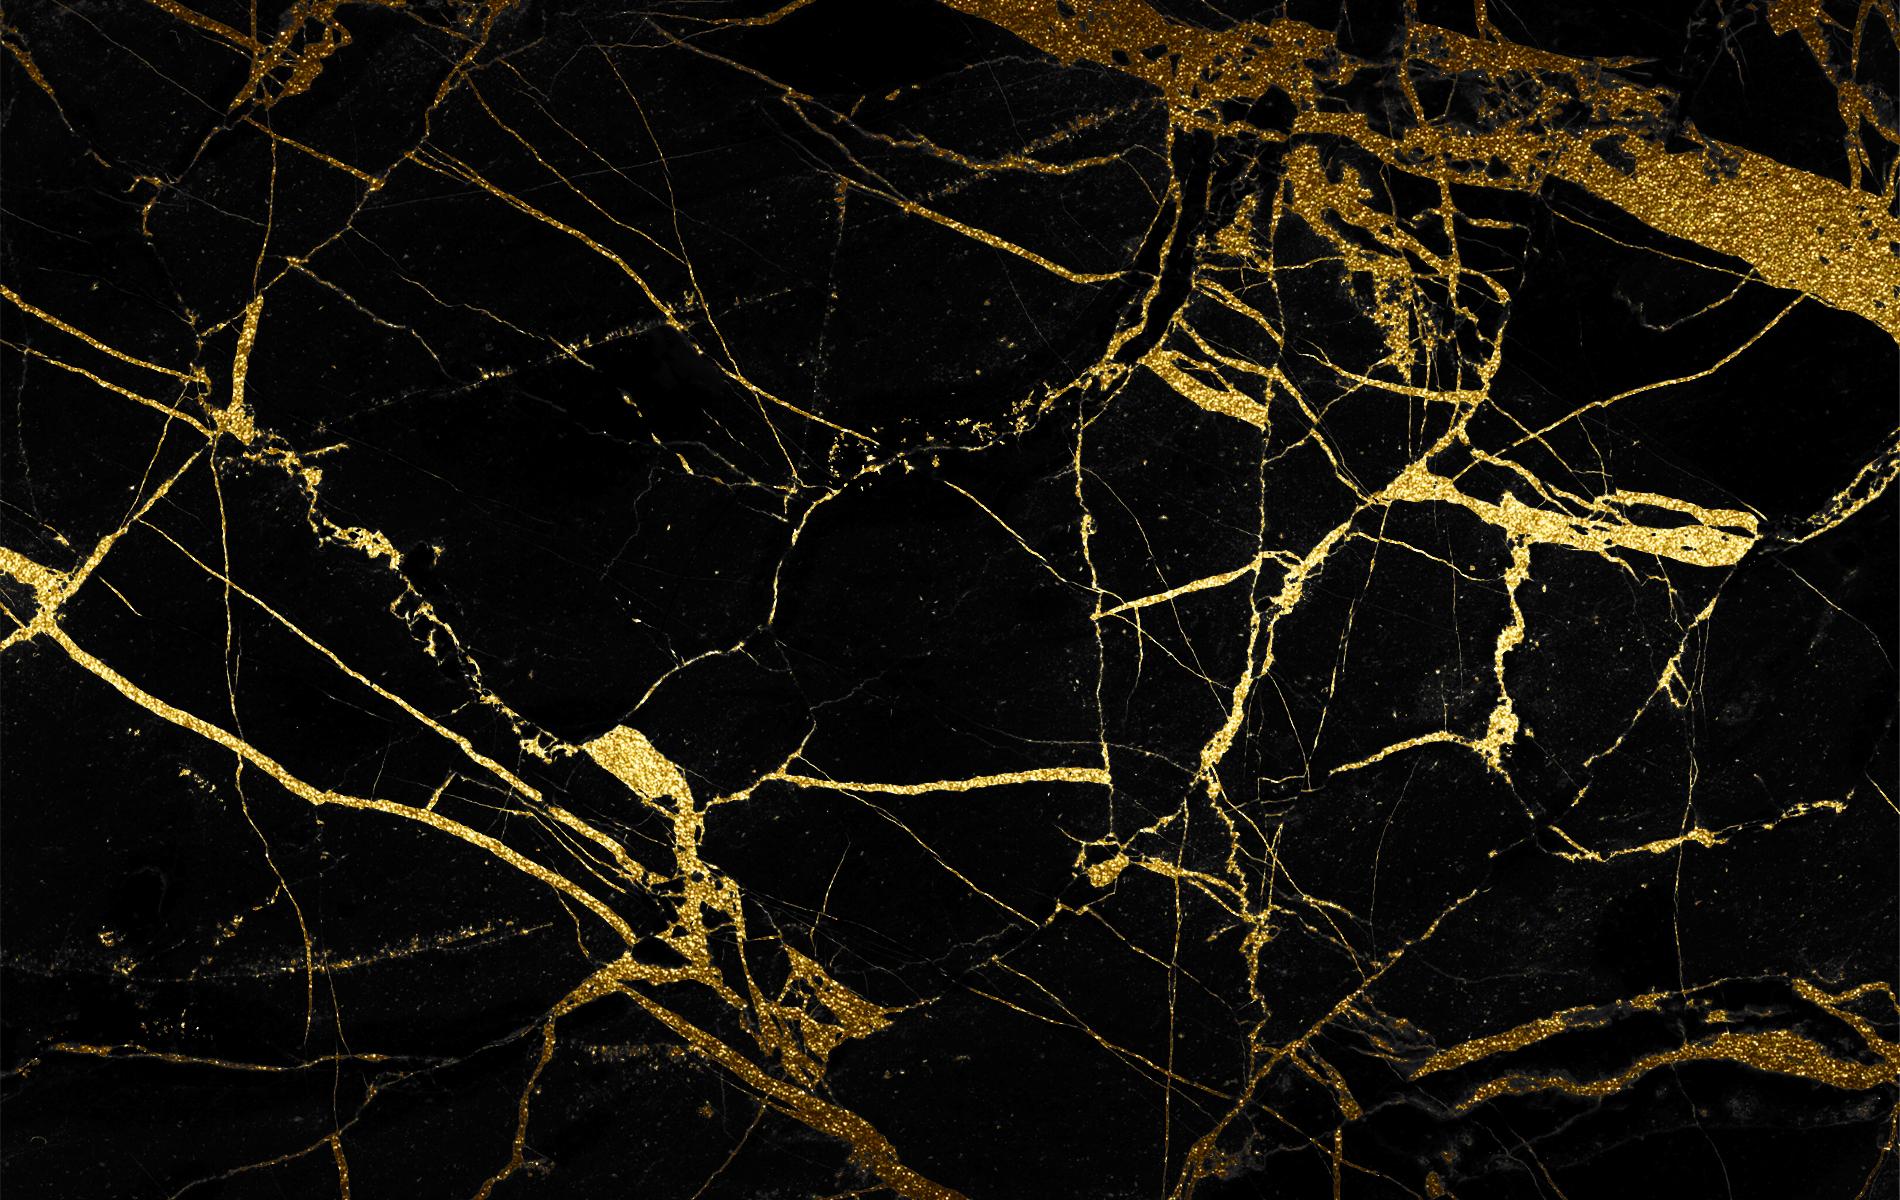 Black and Gold Wallpaper HD  PixelsTalkNet